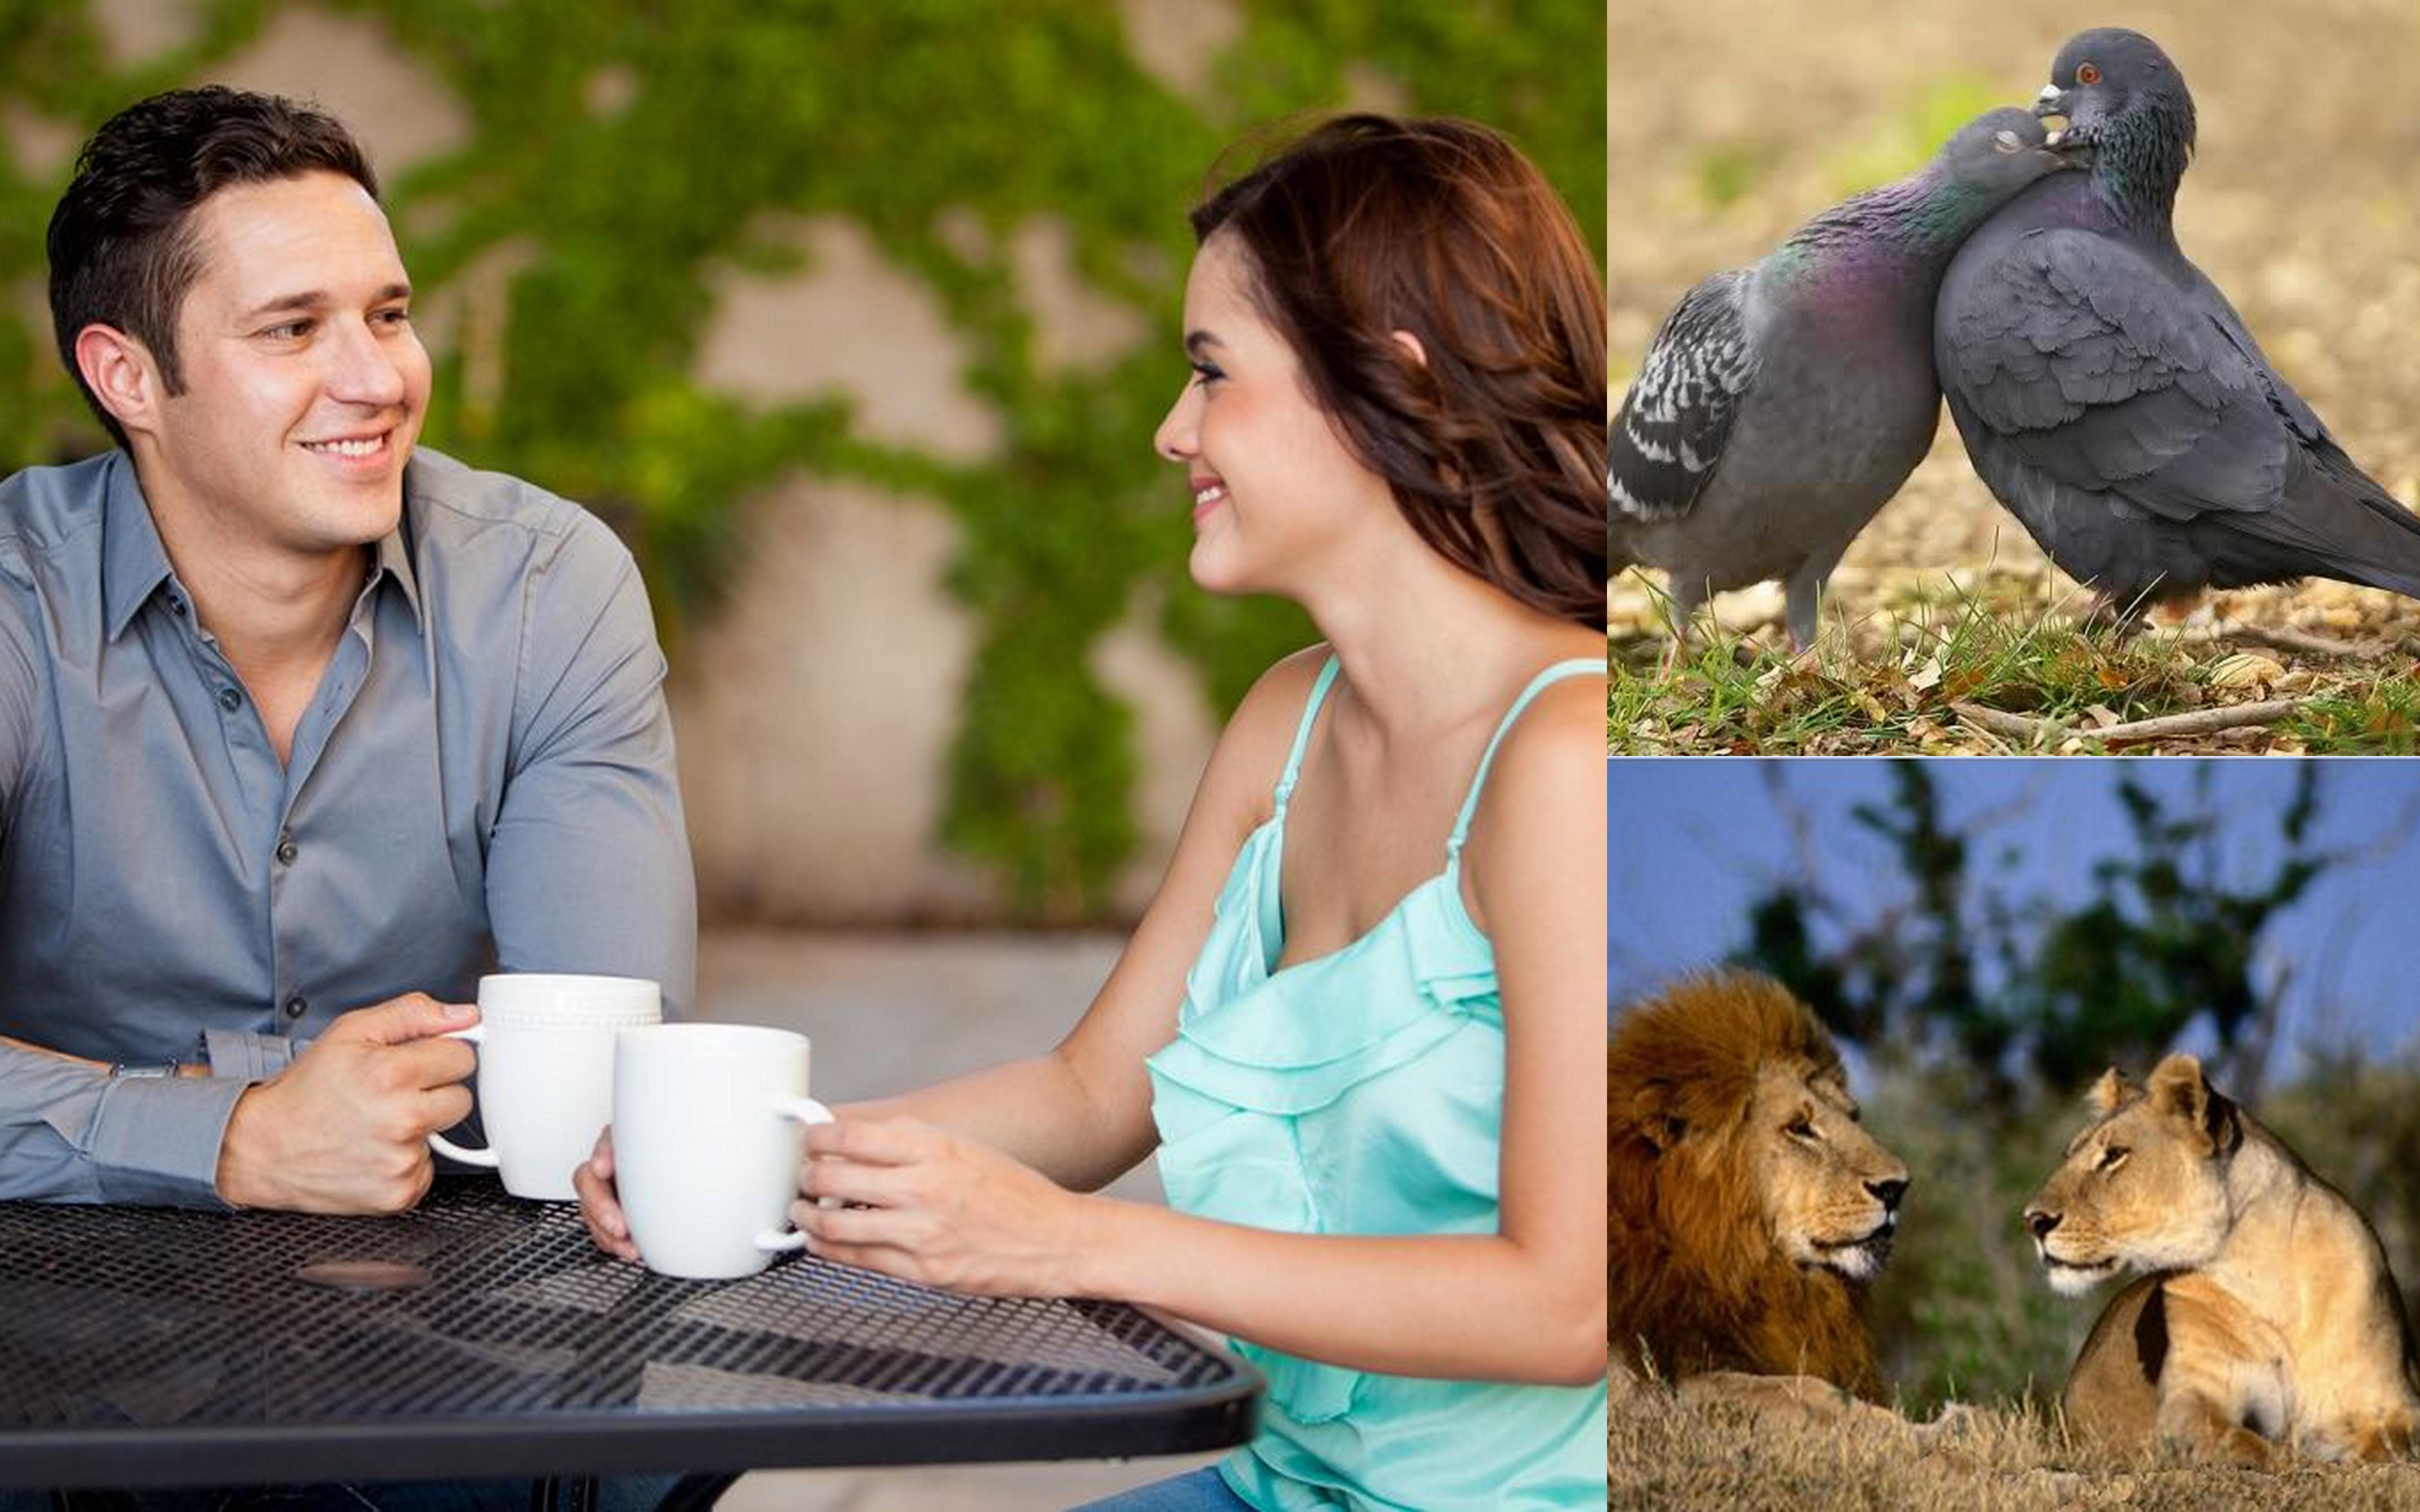 A randevú kapcsolatok 5 szakasza sebesség társkereső tégla nj